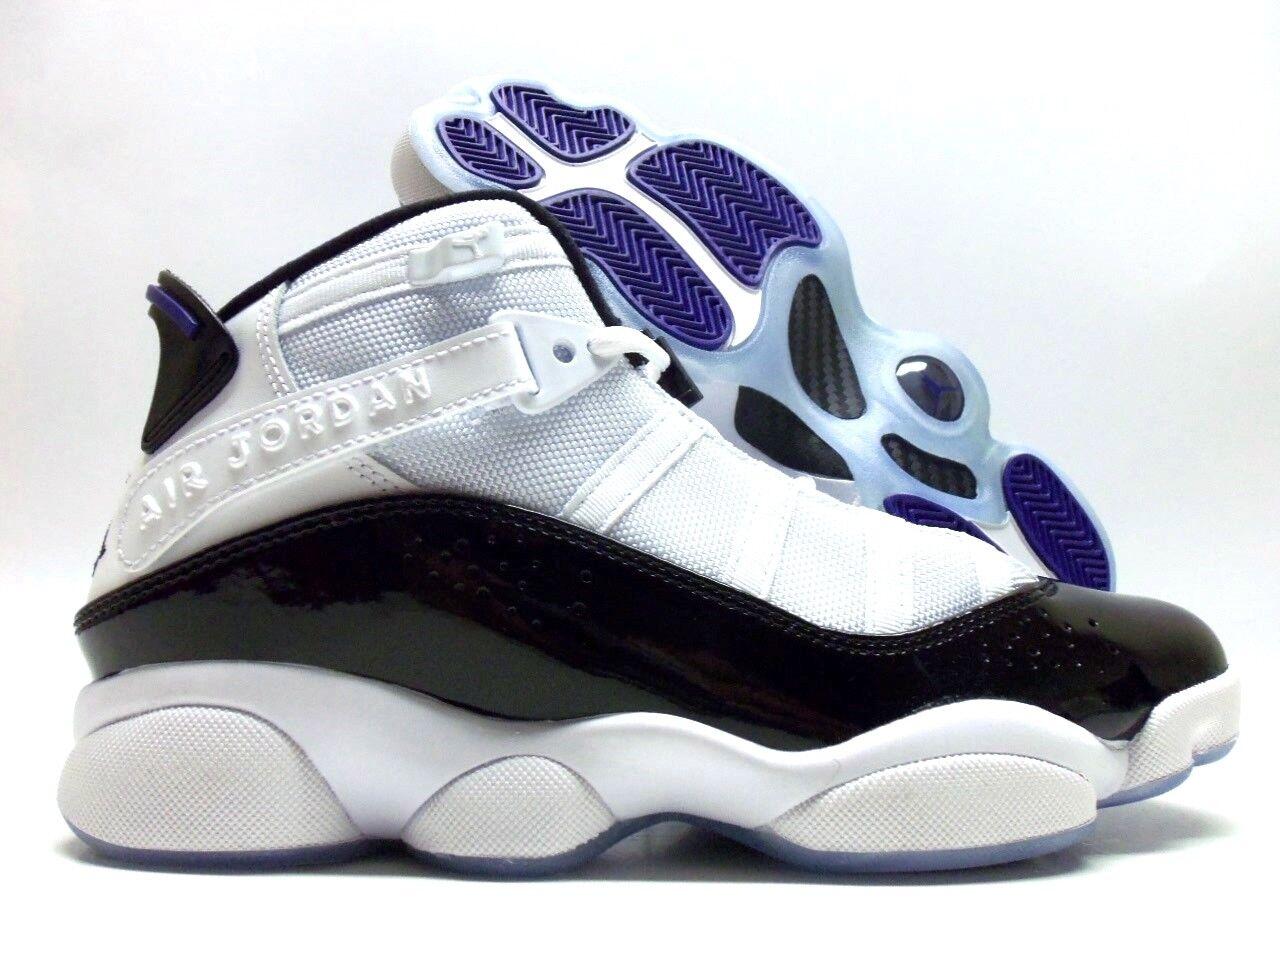 Nike jordan6 anelli bianchi / nero-dark concord dimensioni uomini [322992-104]